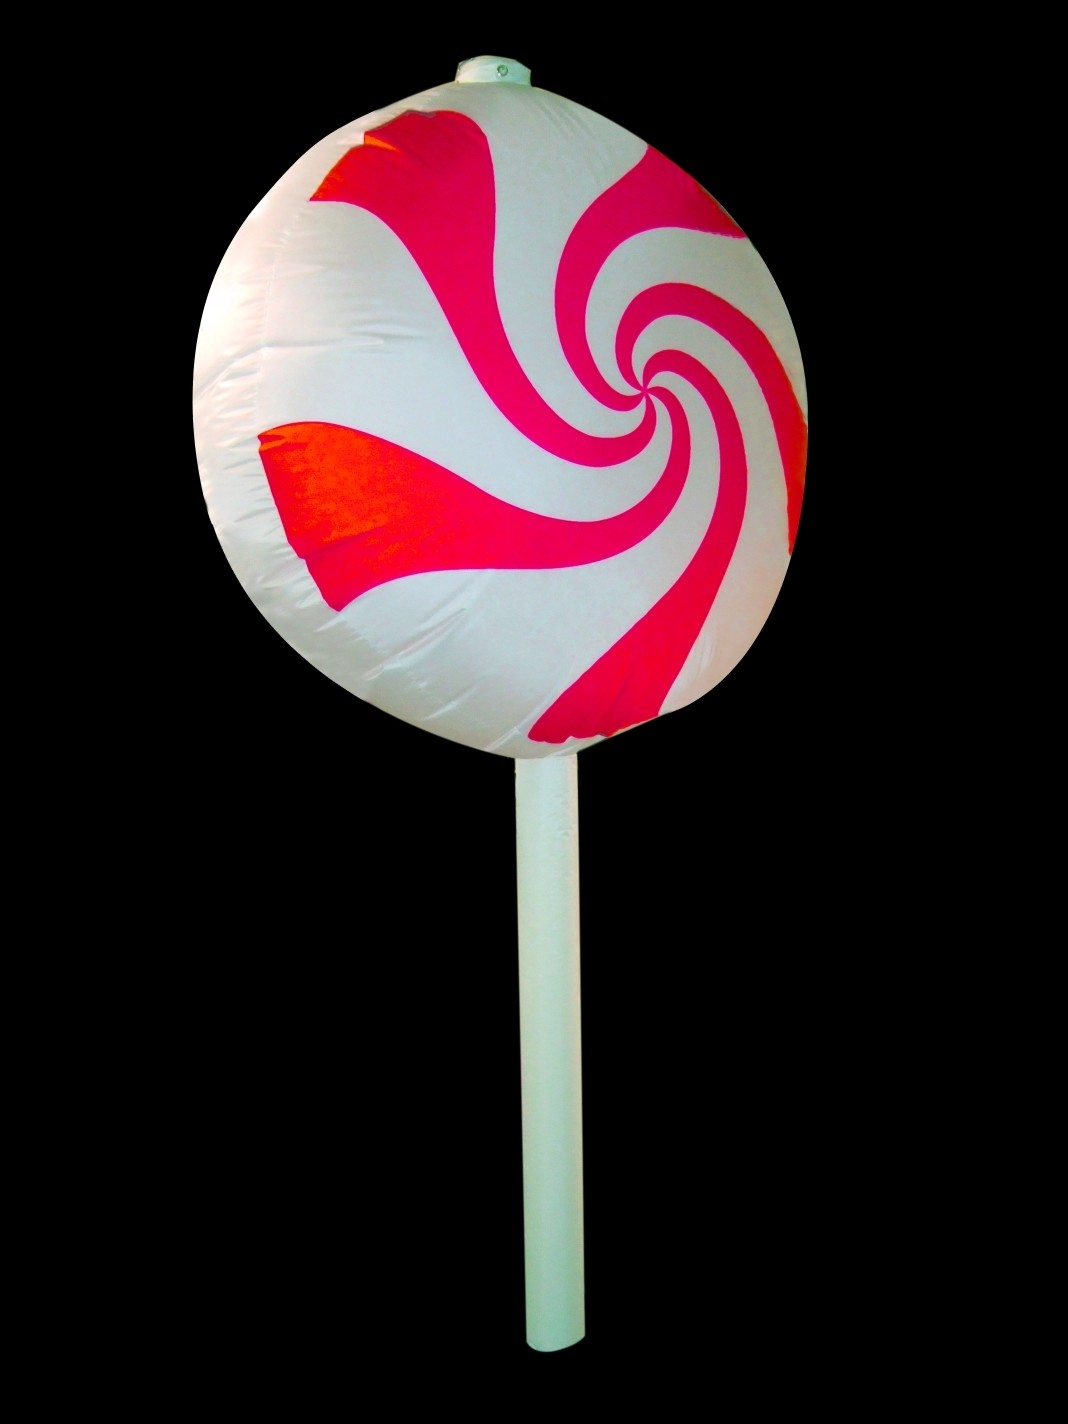 Hanging Inflatable Lollipop 3ft/91cm x 6ft/182cm